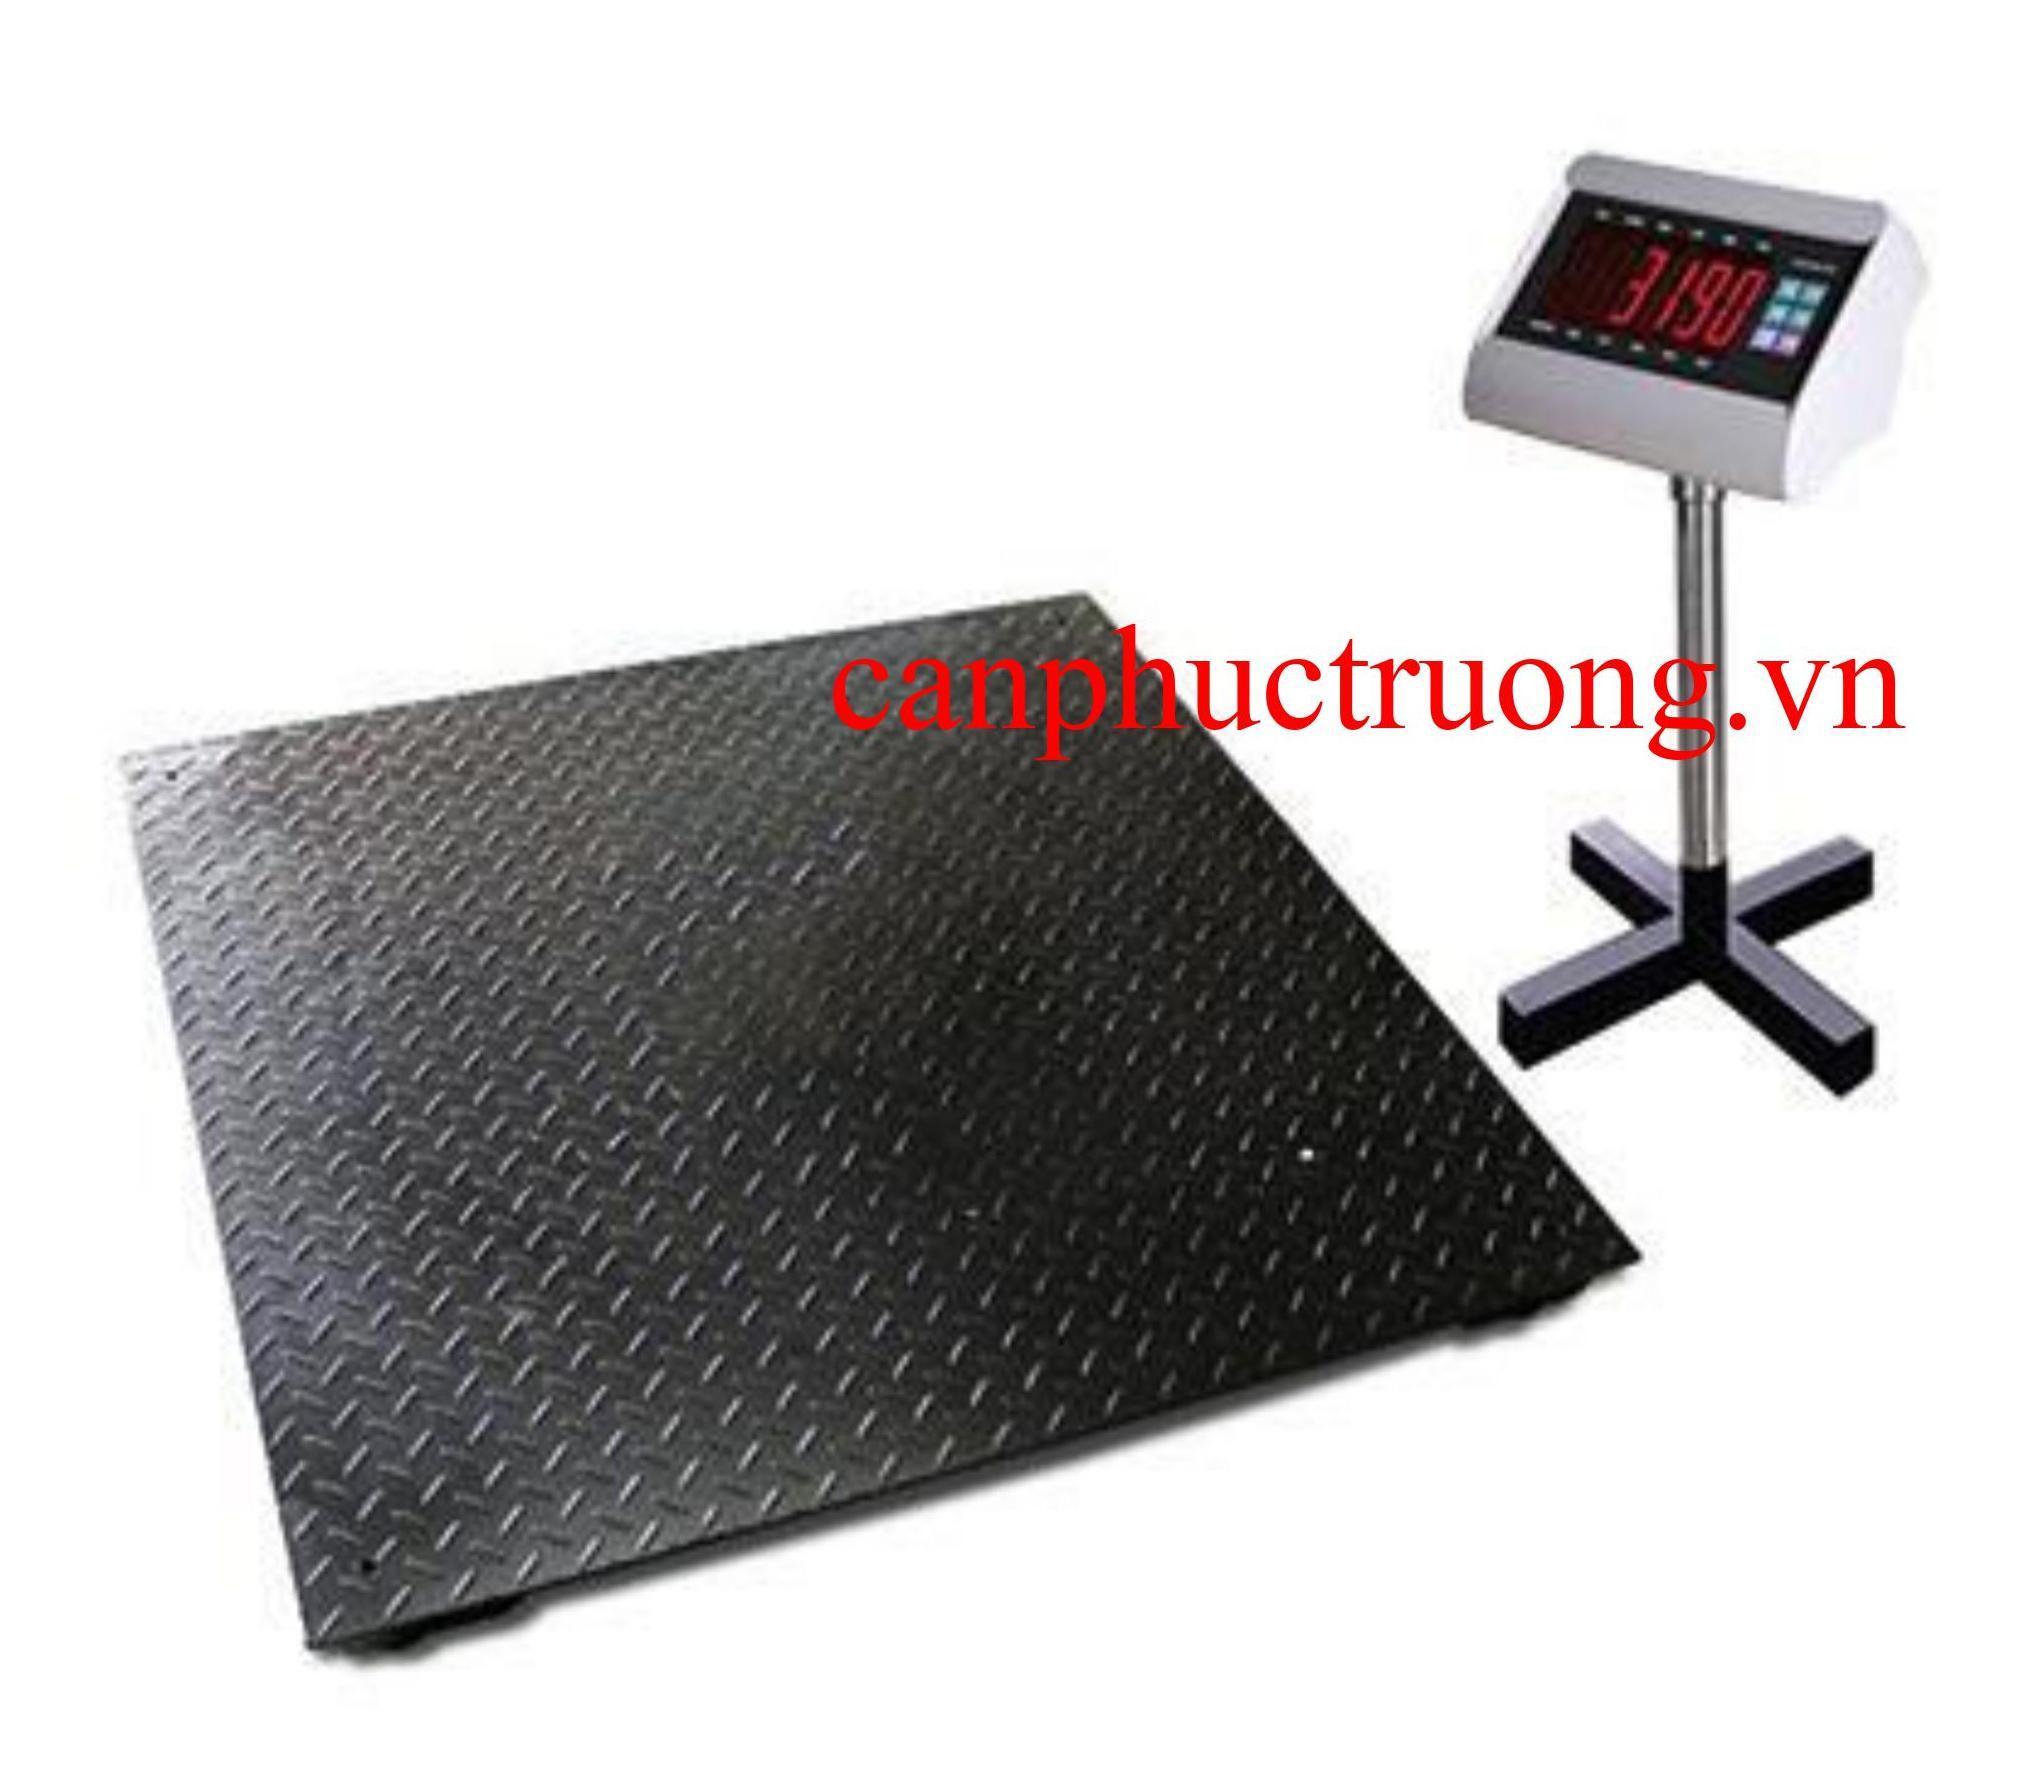 Cân sàn 1 tấn (10x10-T7E)